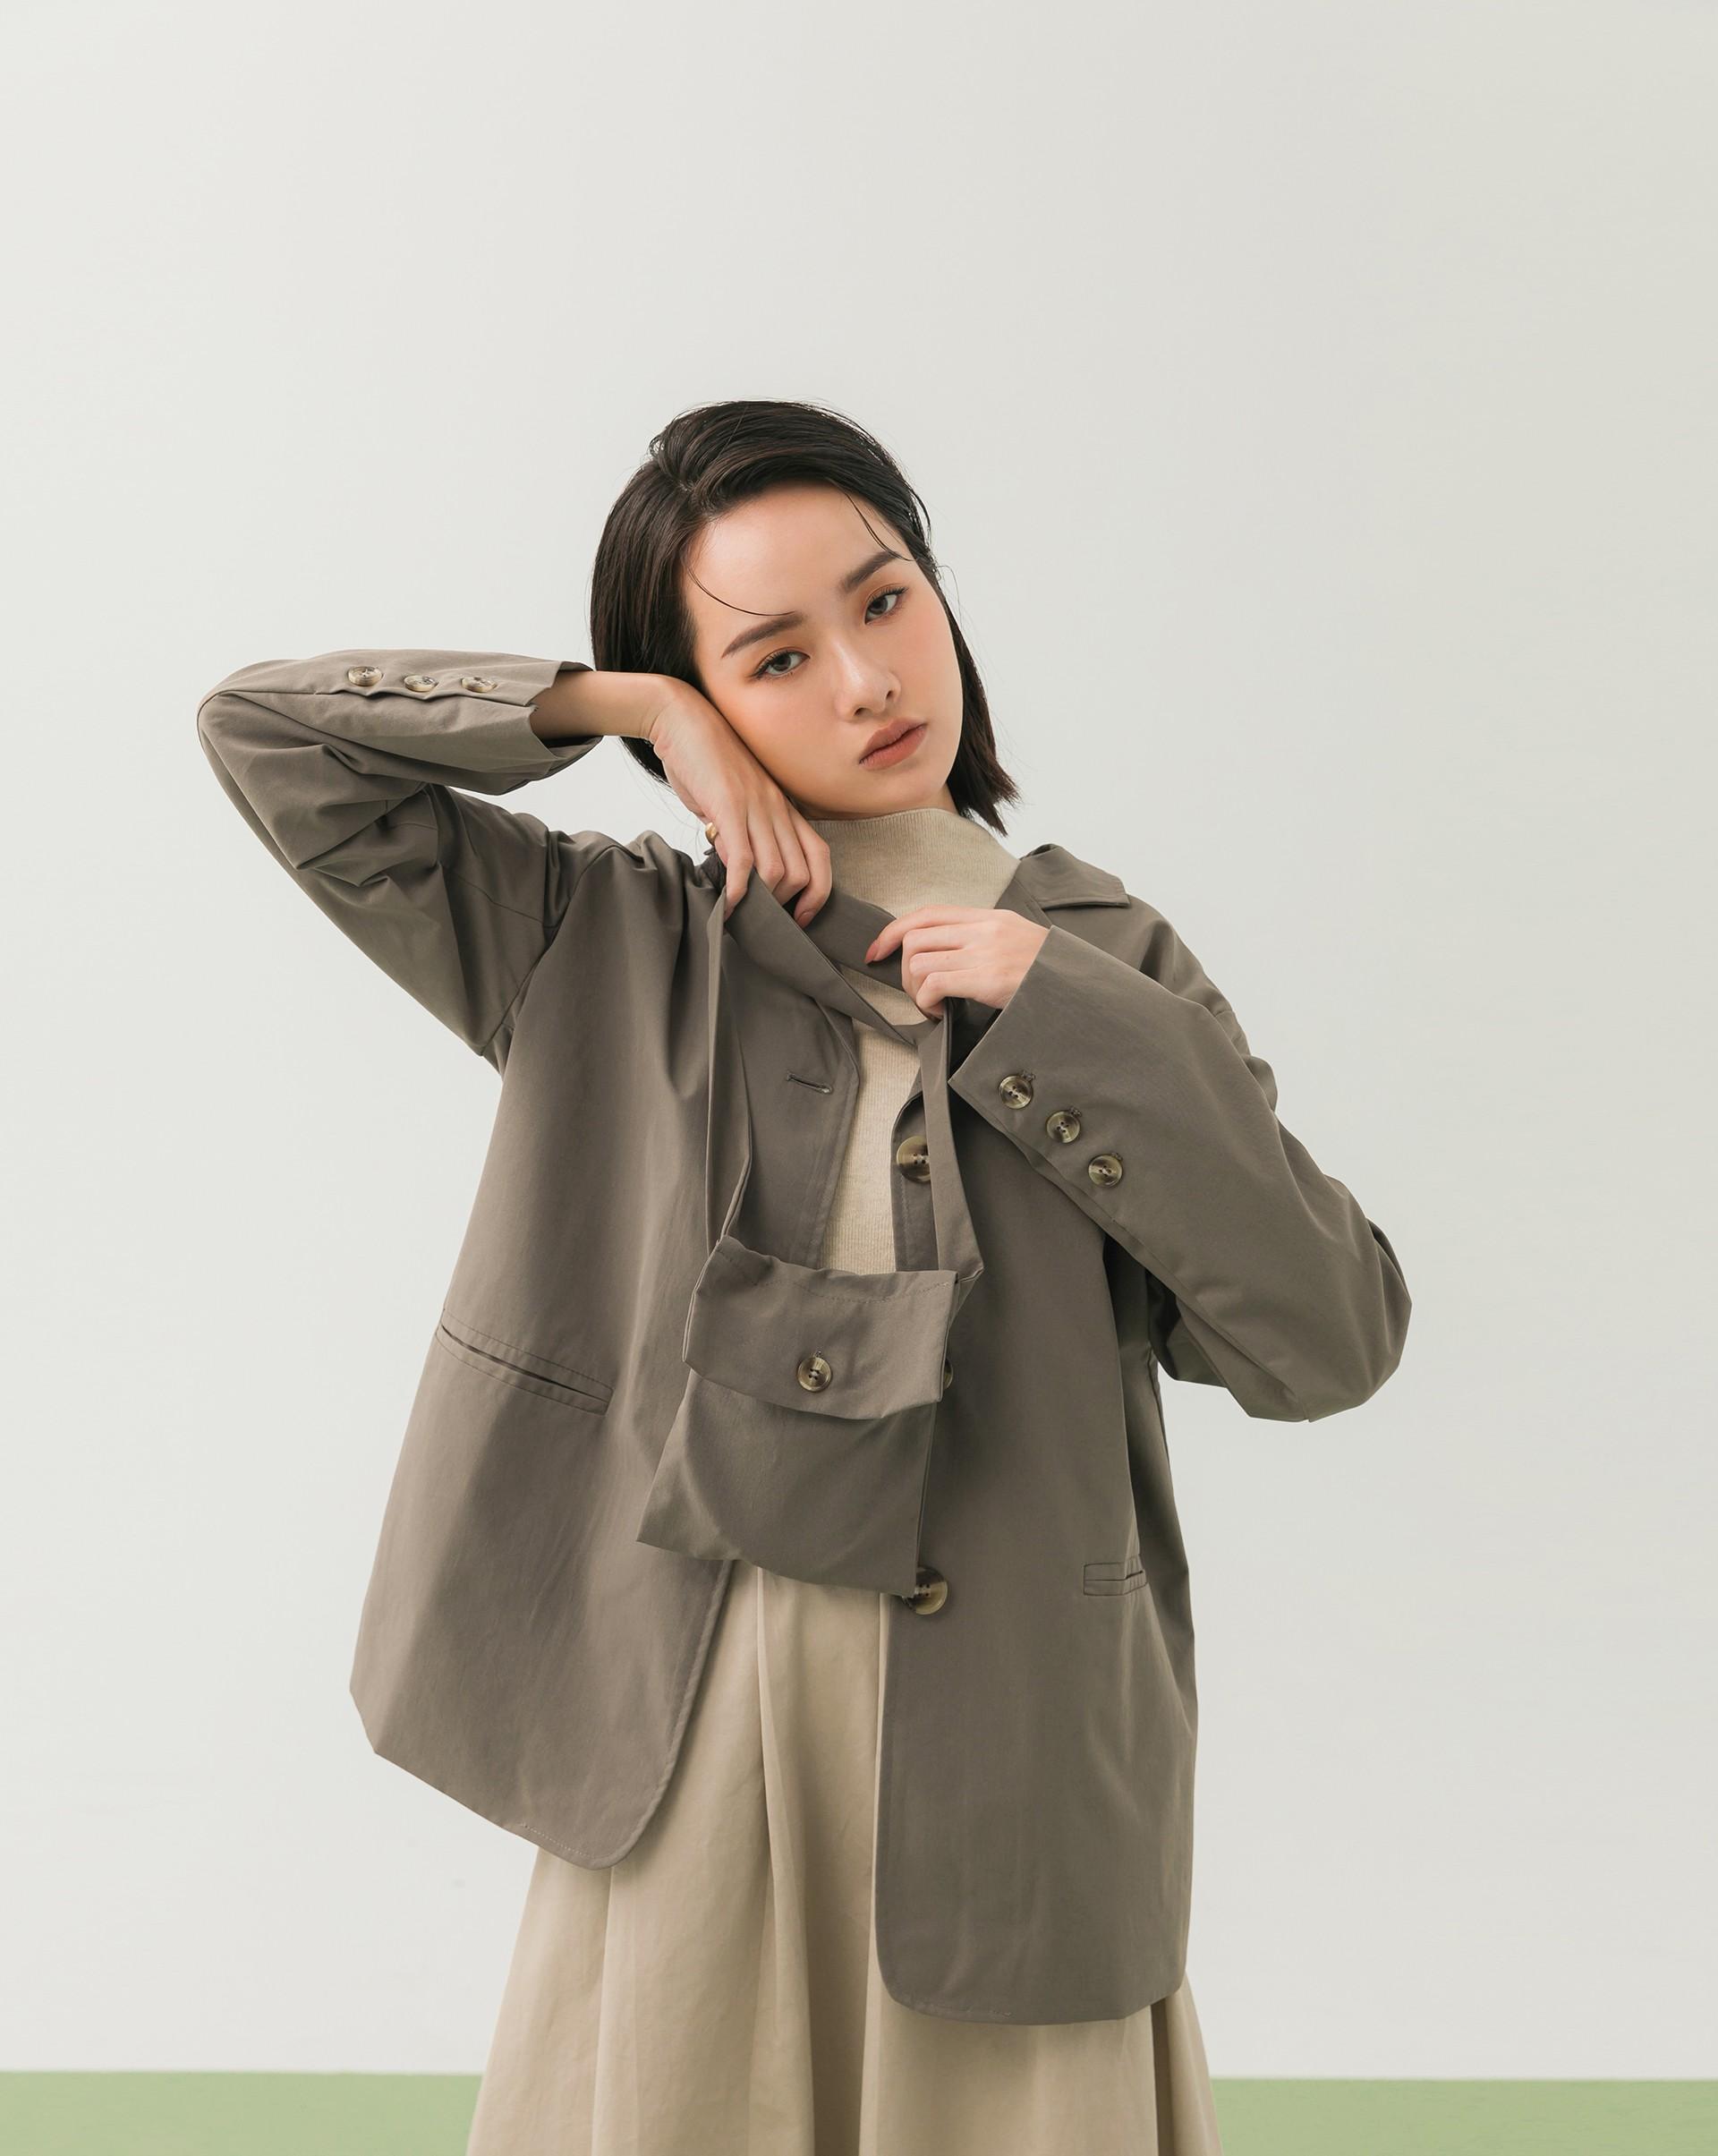 霧面西裝布料/附同本布背袋/有內裡/兩側有口袋